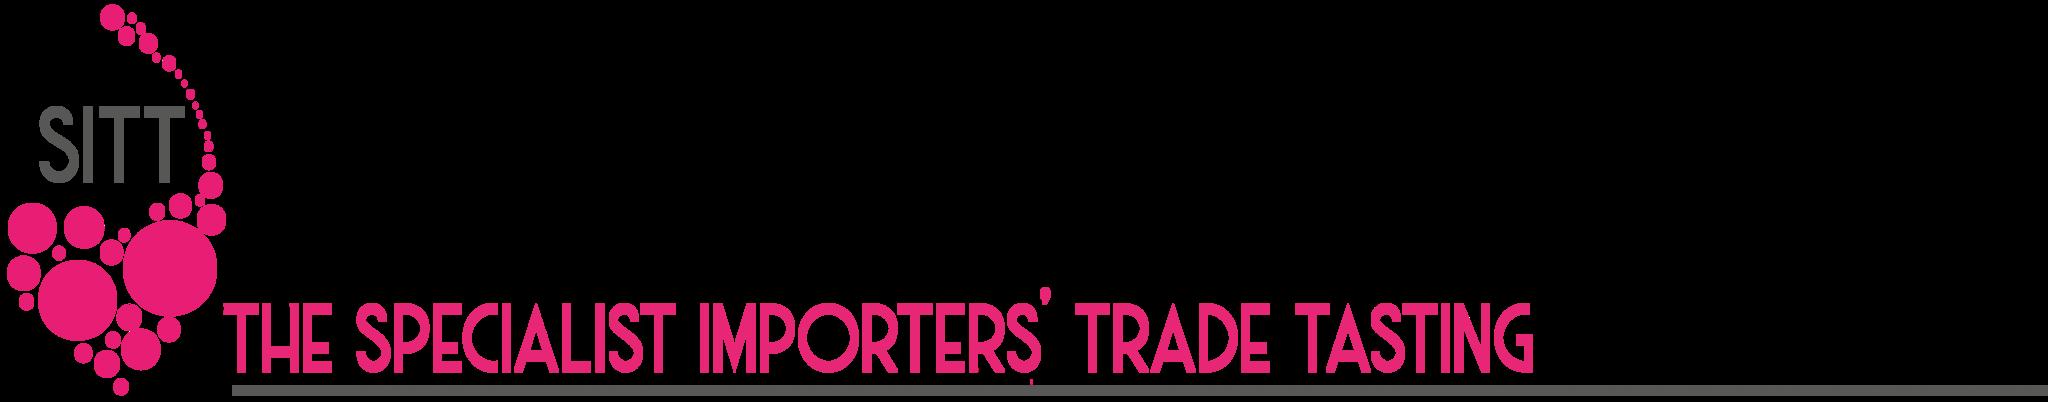 SITT - Specialist Importers Trade Tasting